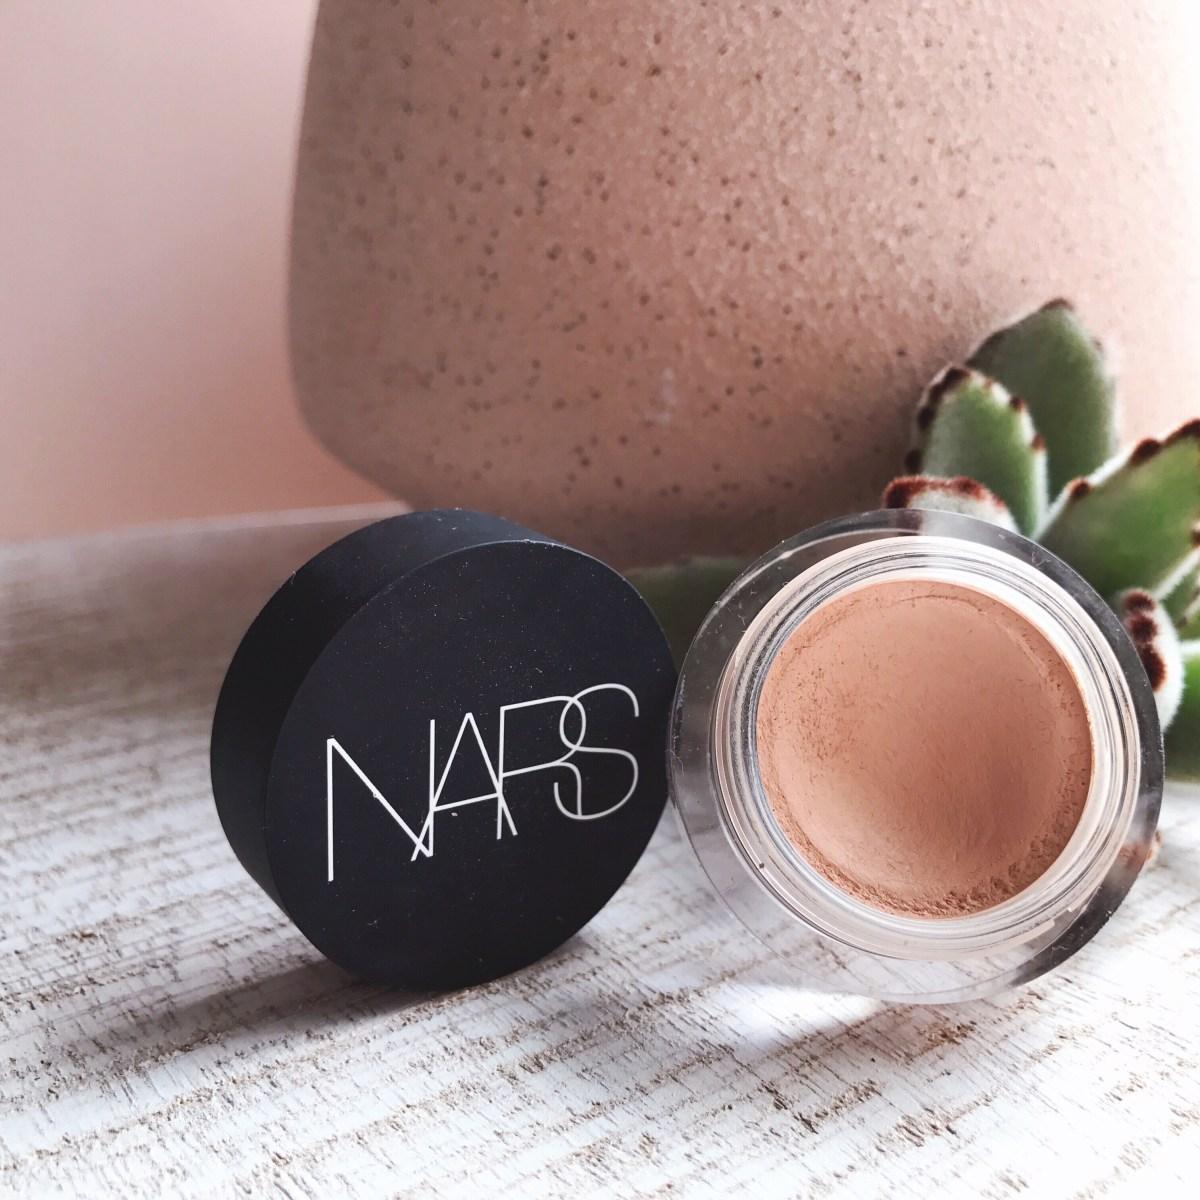 NARS Soft Matte Complete Concealer in Creme Brulee